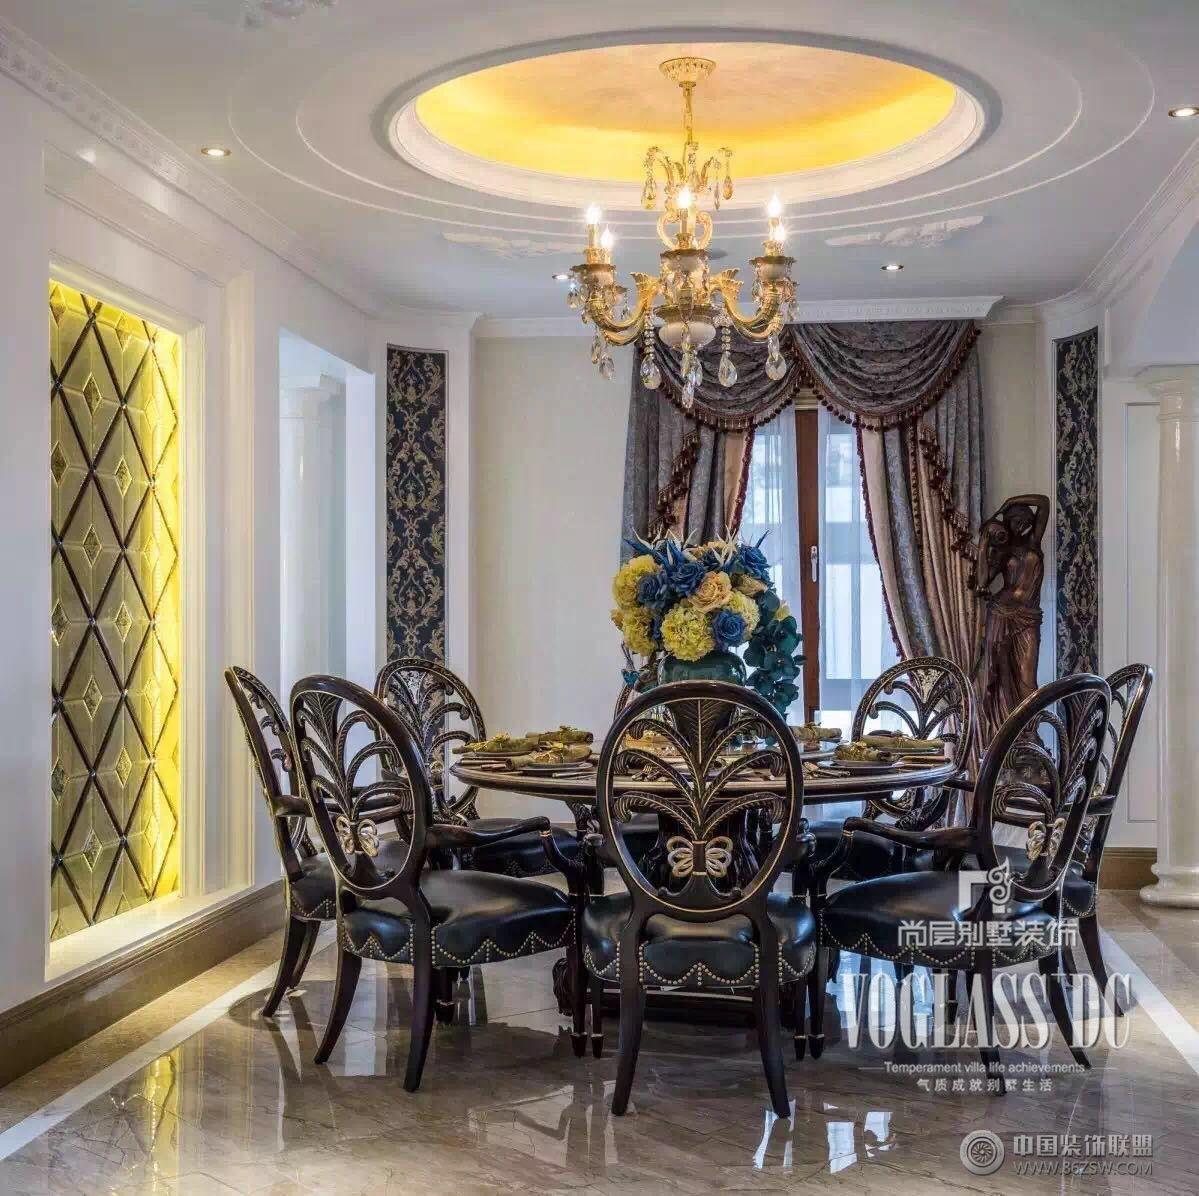 湾法式风格完工实景照片 餐厅装修效果图 八六 中国 装饰联盟装修效